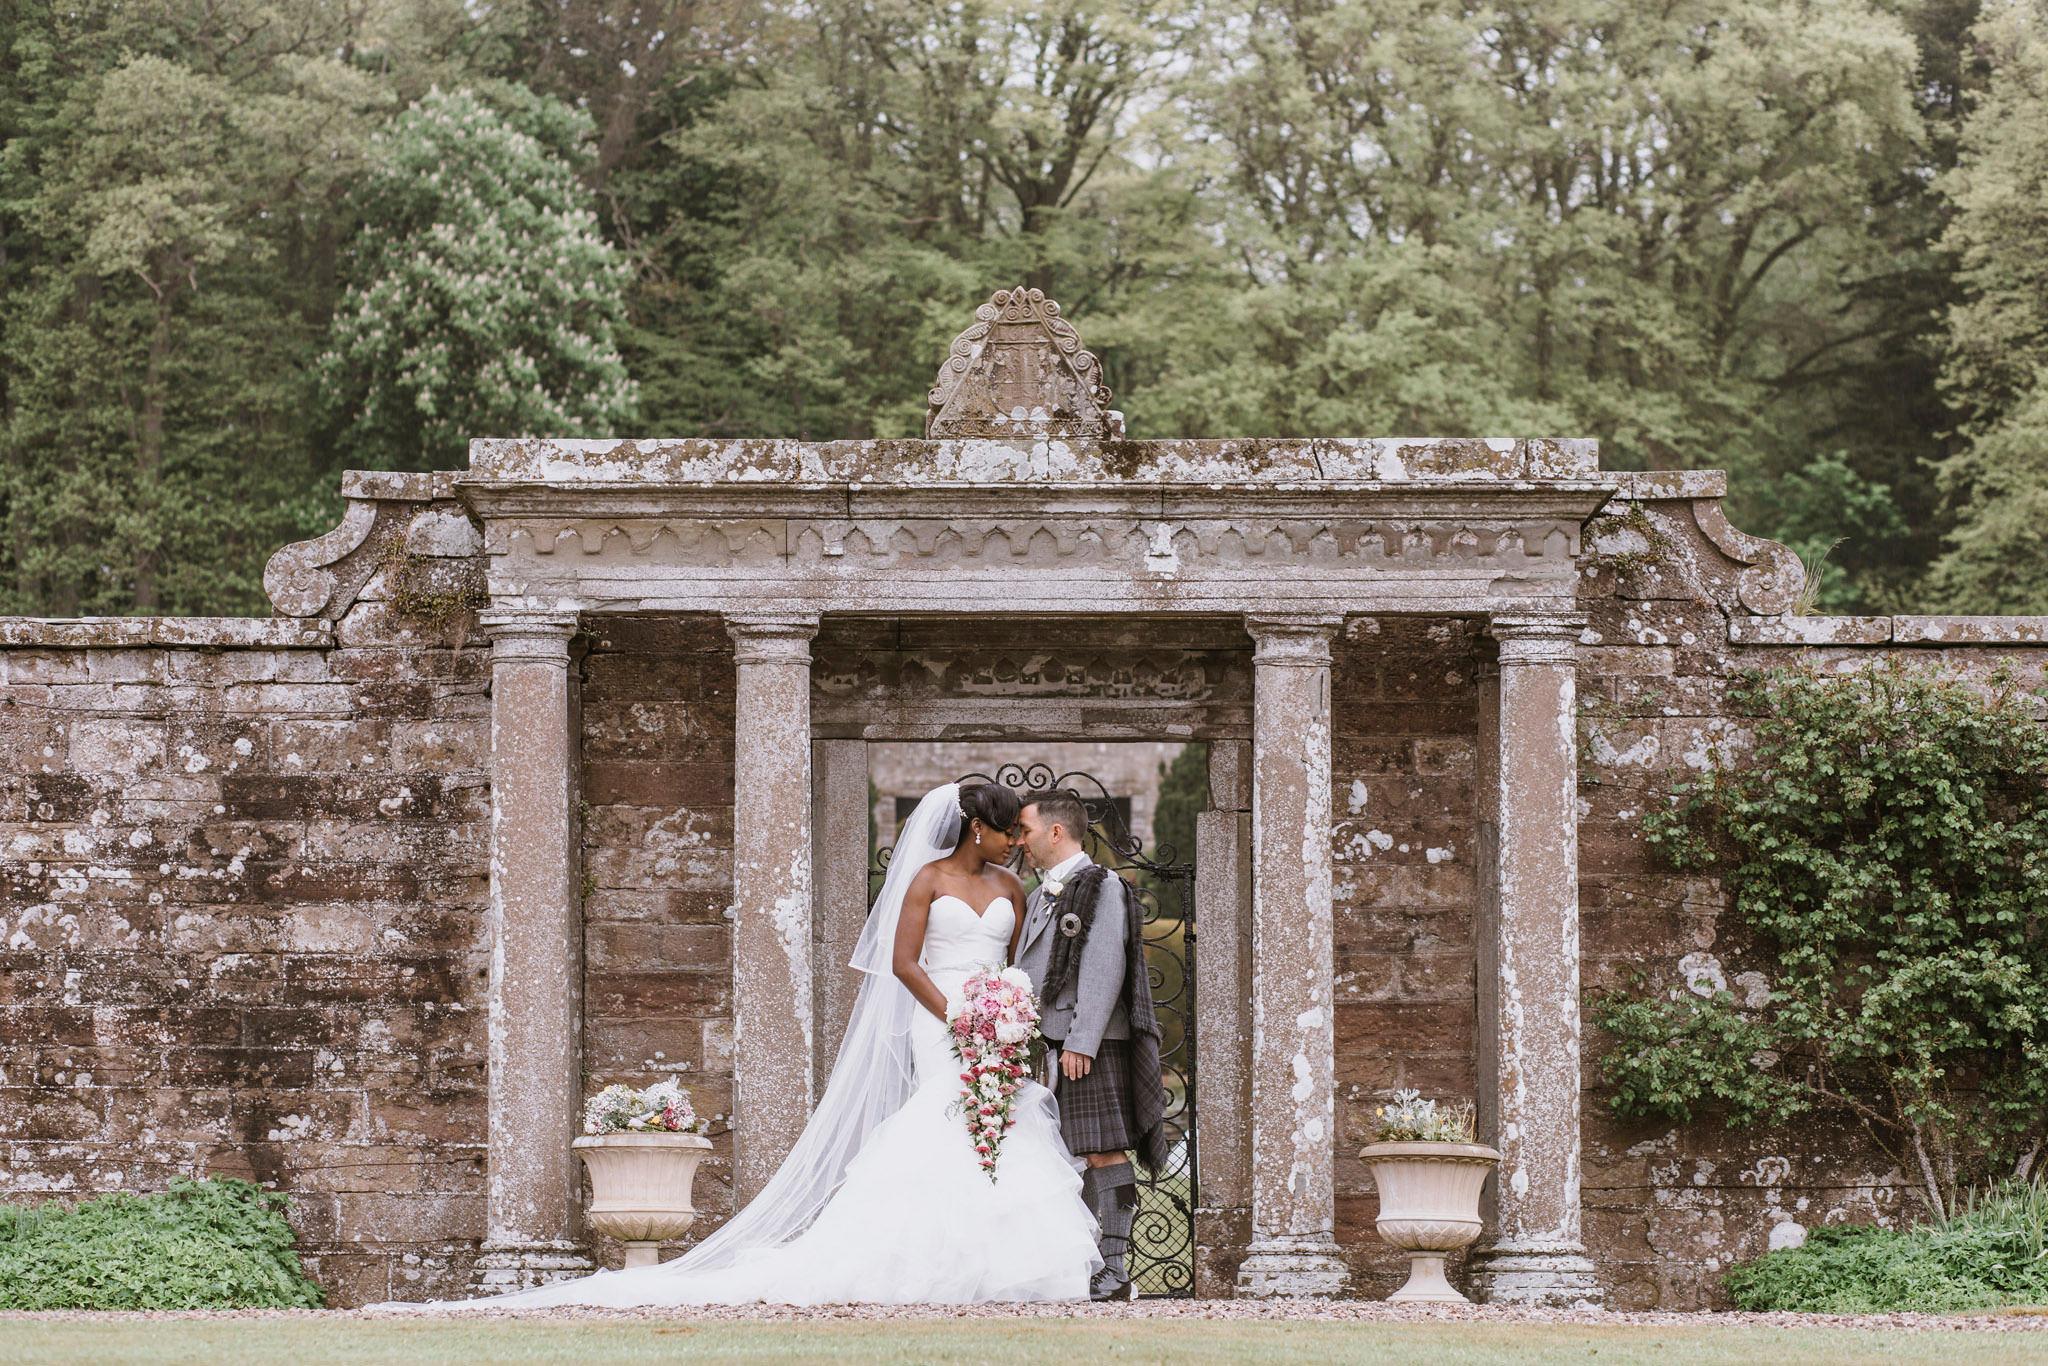 scotland-wedding-elopement-photographer-045.jpg